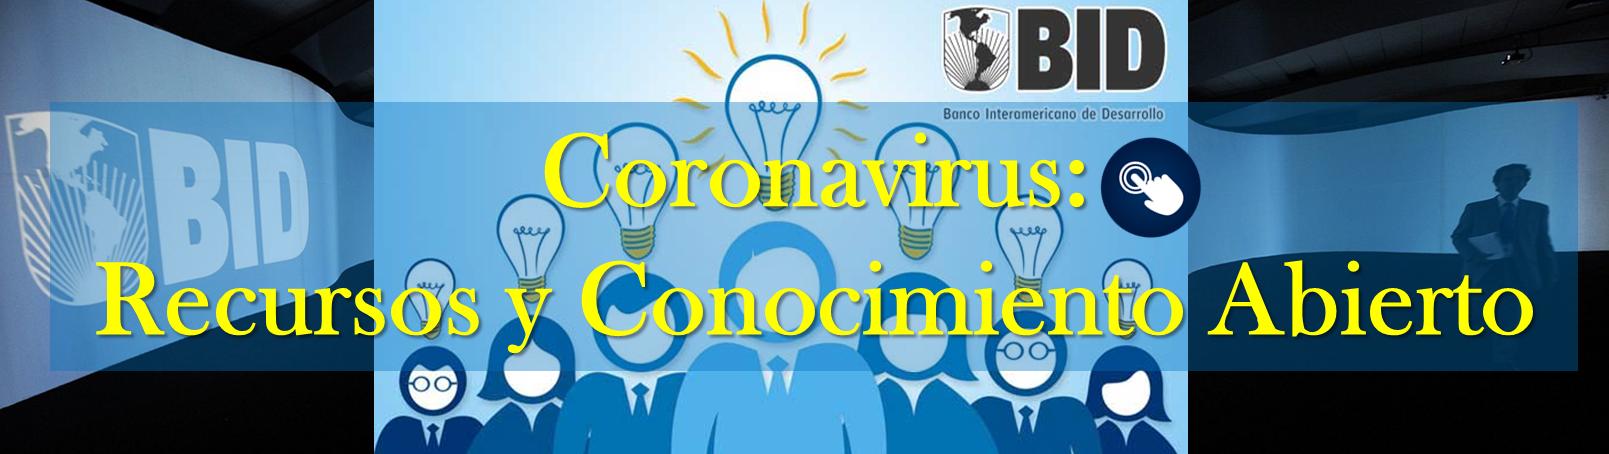 Banco Interamericano de Desarrollo (BID). Coronavirus: recursos y conocimiento abierto